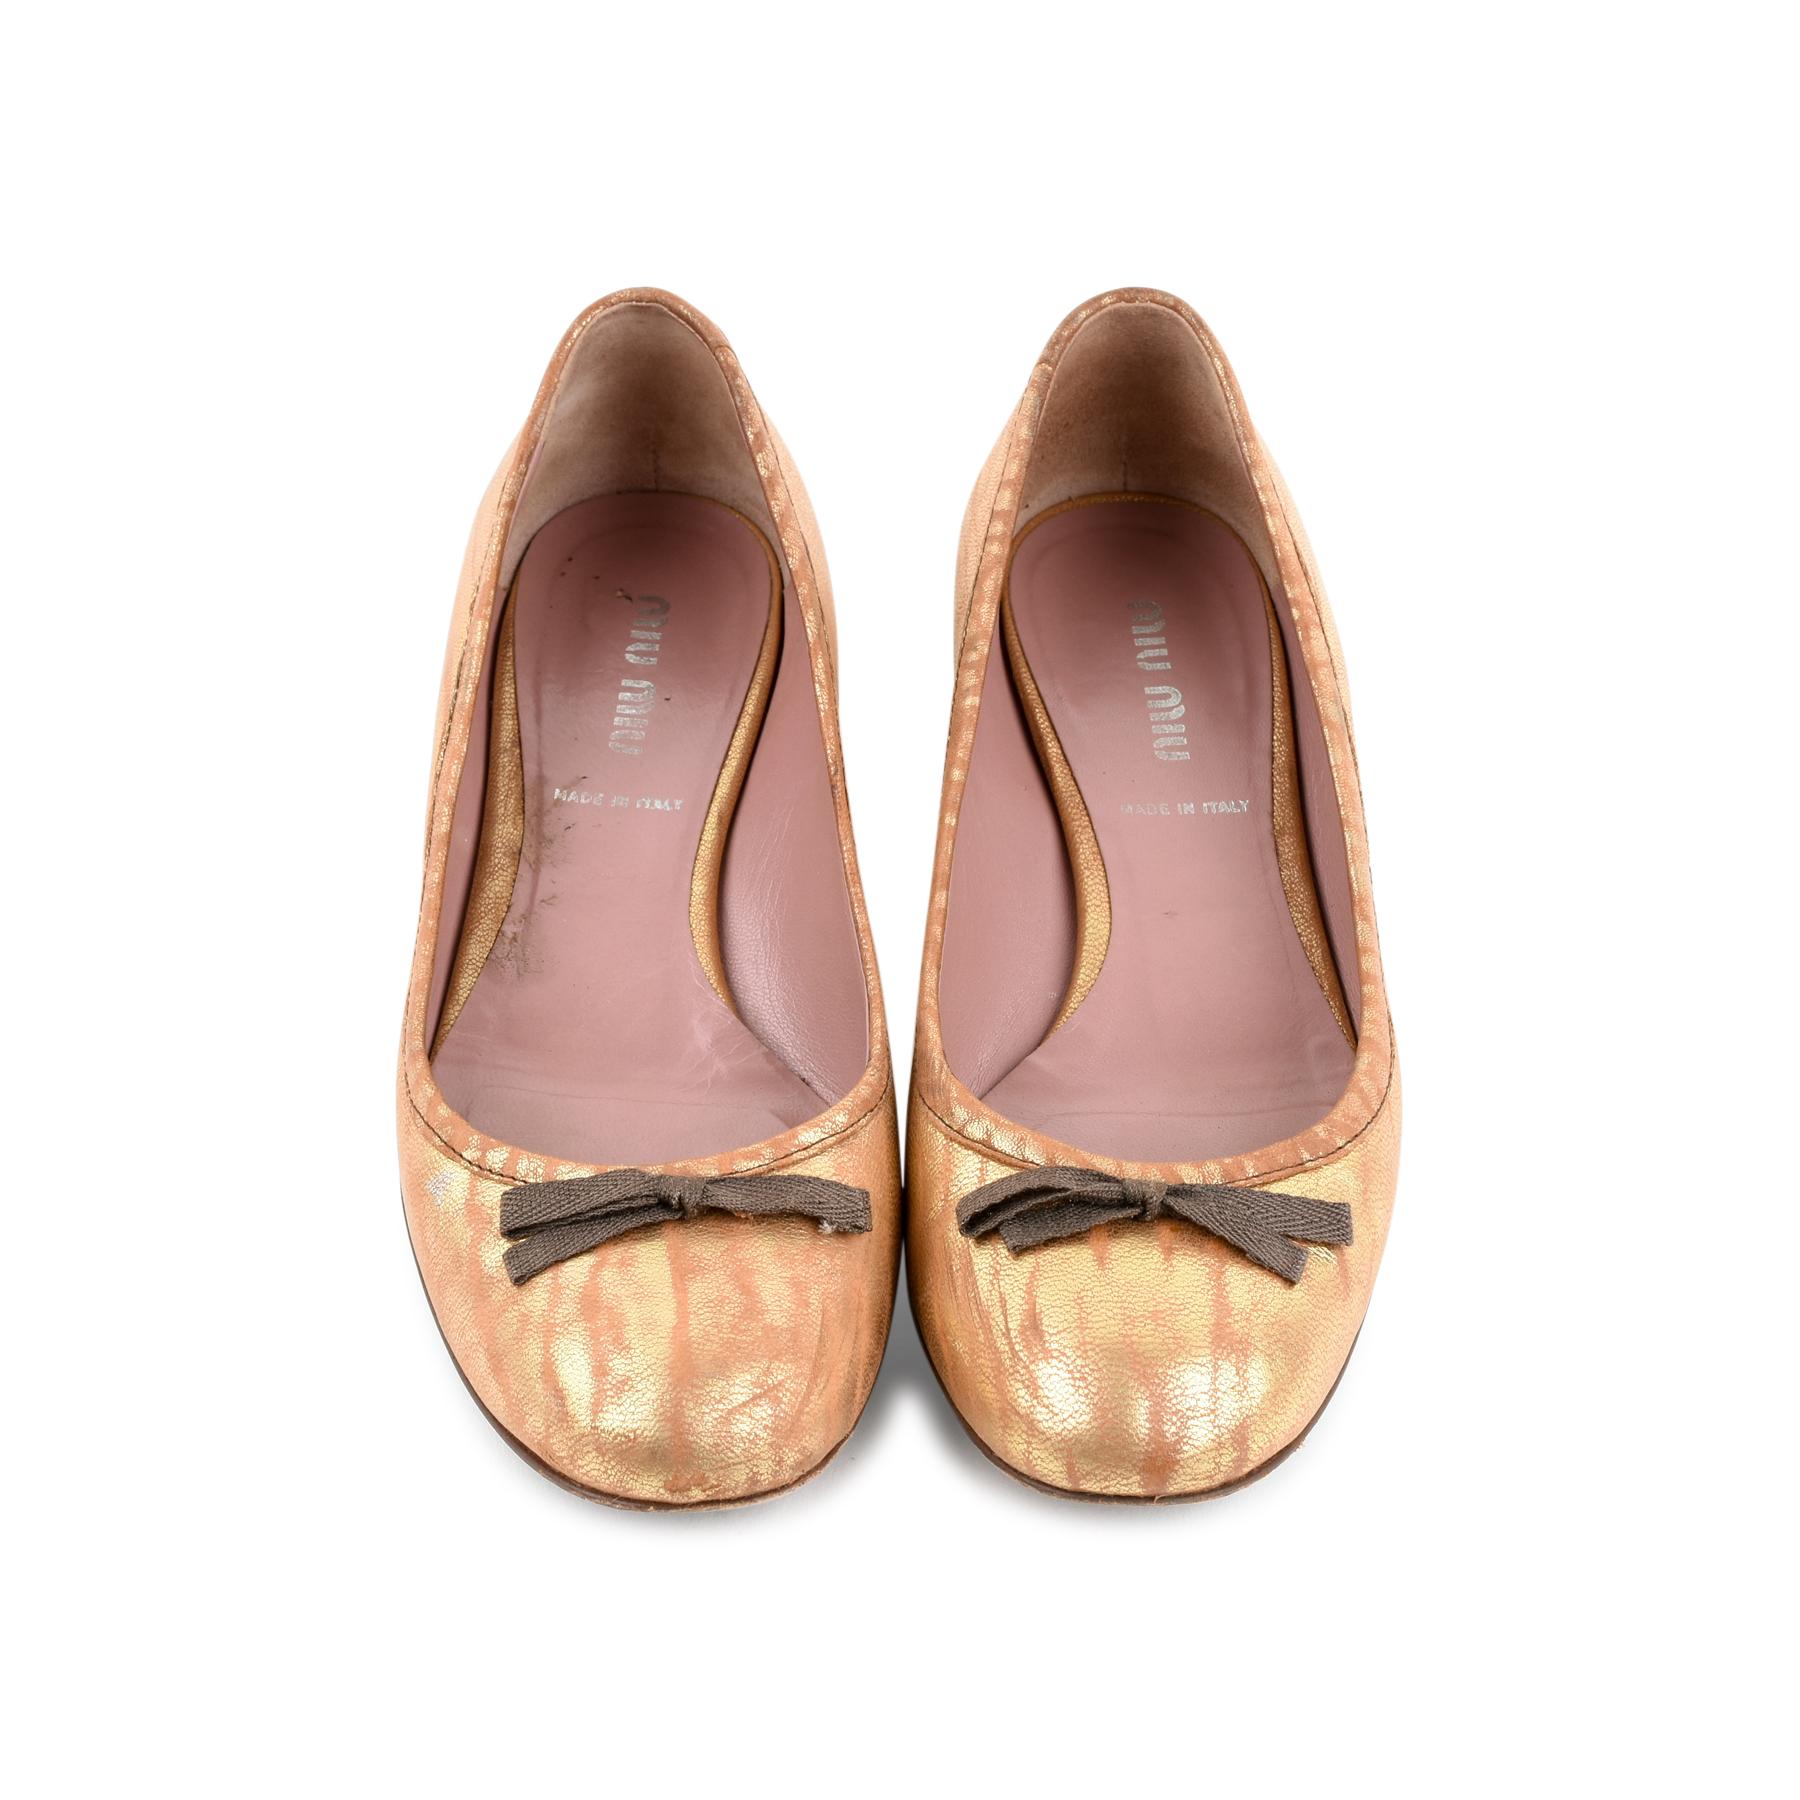 9e5db7c46f7 Authentic Second Hand Miu Miu Bow Ballet Flats (PSS-466-00047)